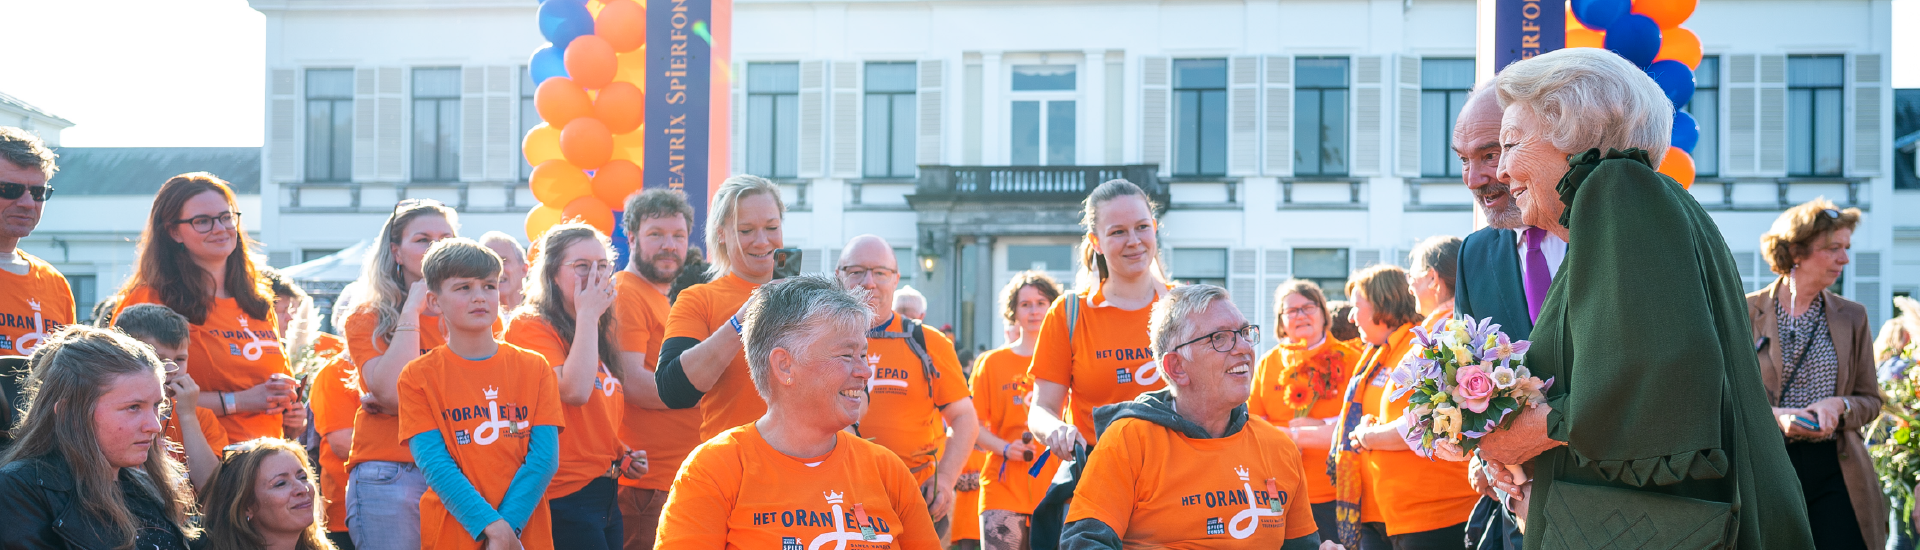 Het Oranjepad levert ruim € 172.585 op voor onderzoek naar spierziekten